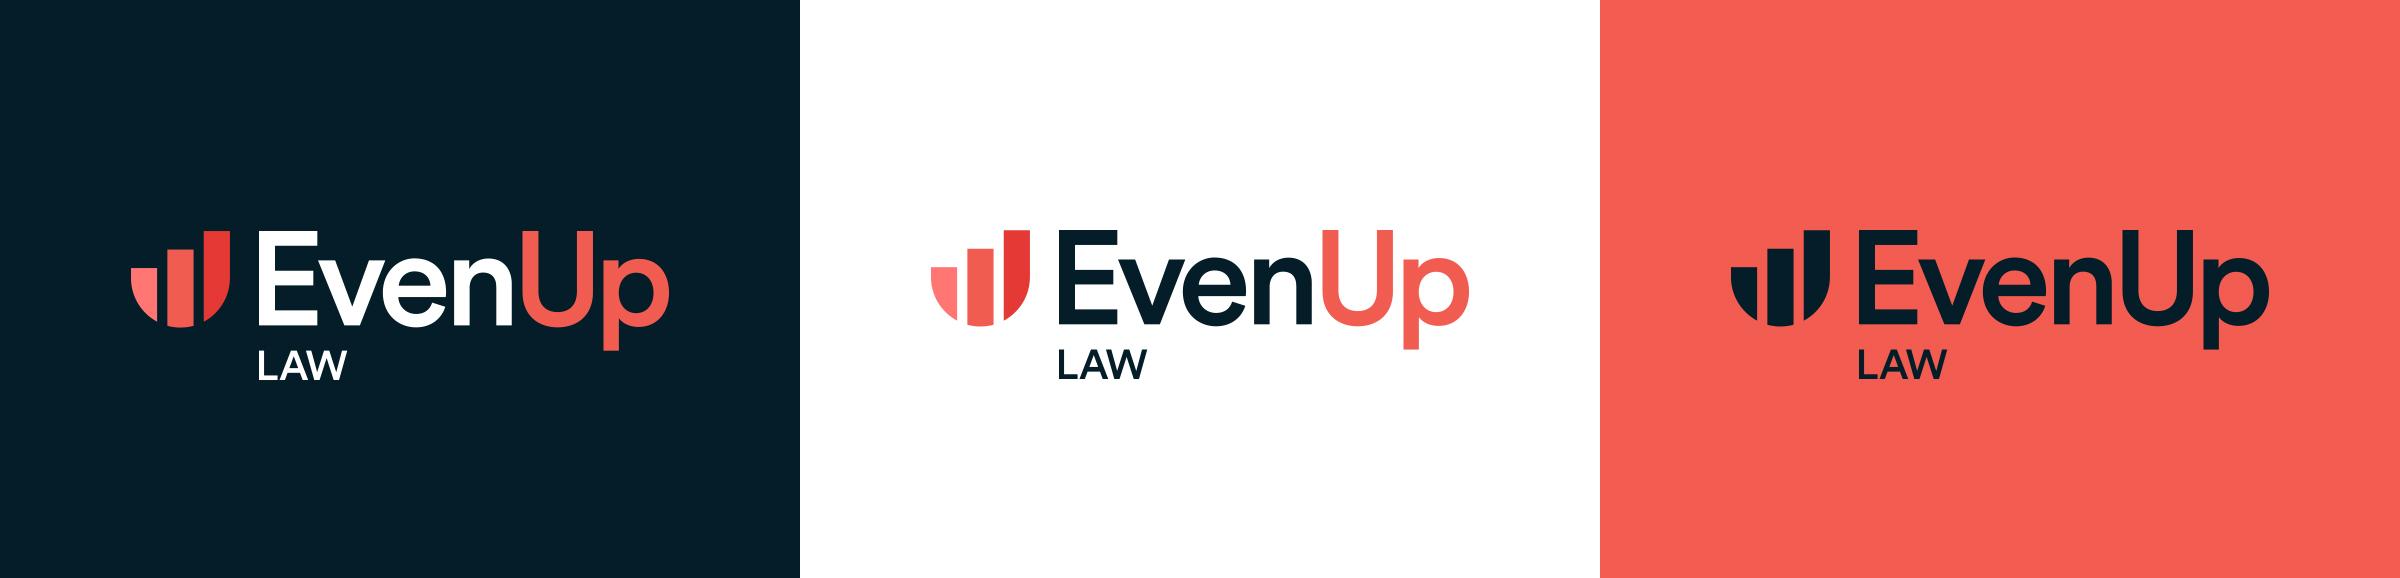 EvenUp Law logo colour suite